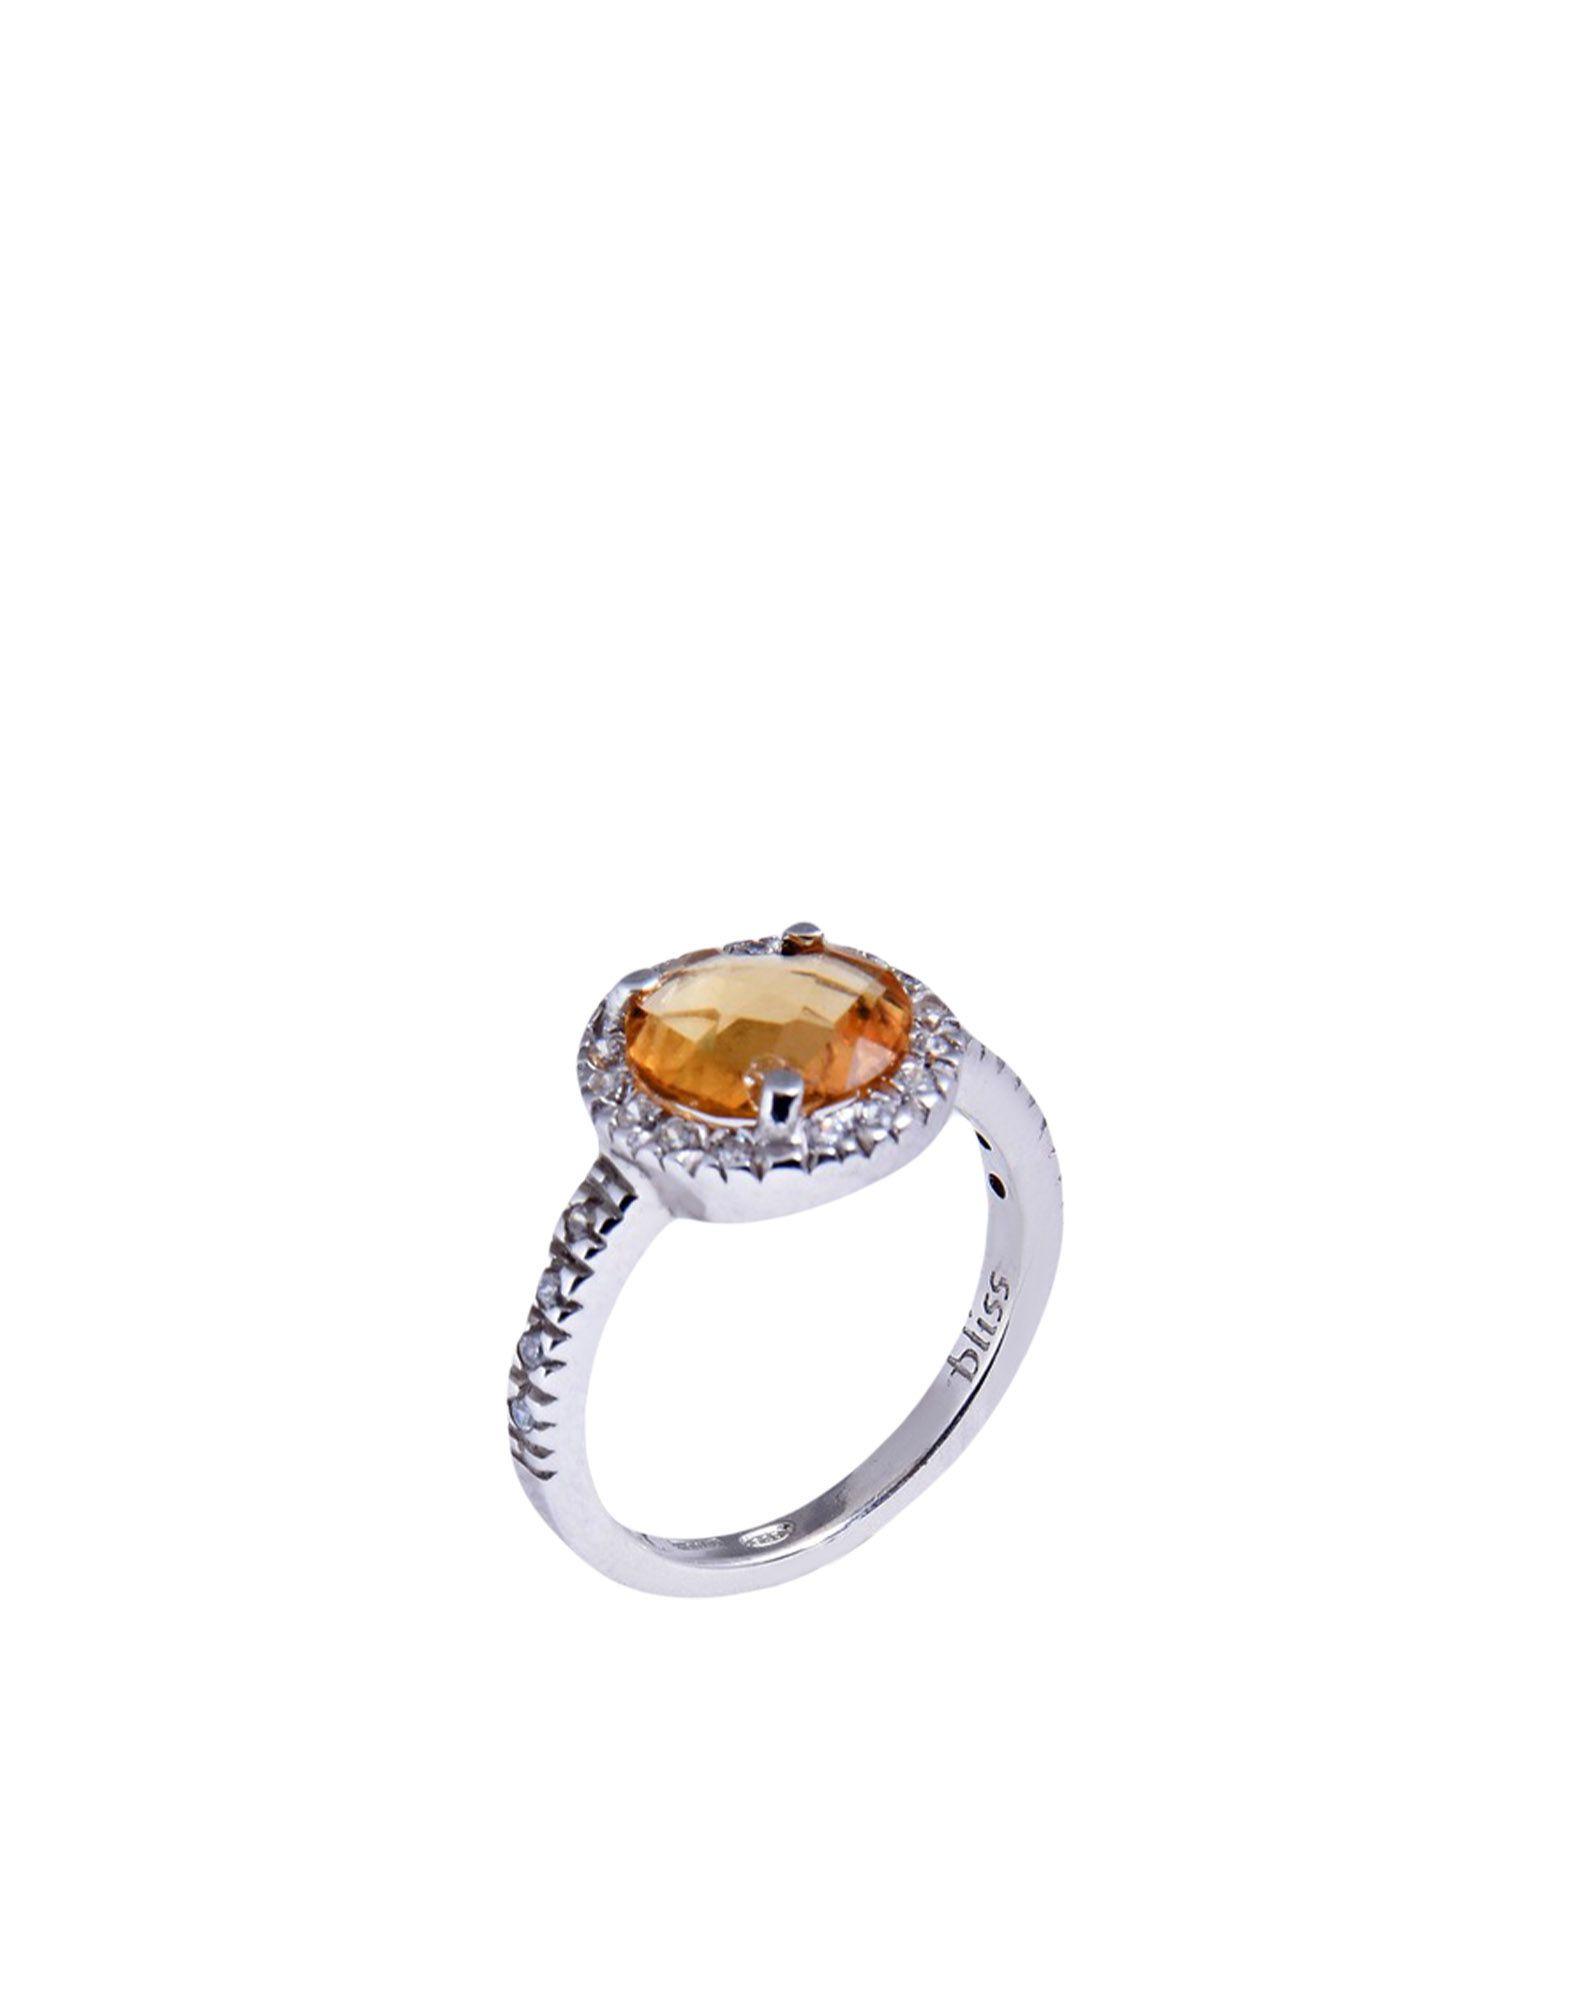 《送料無料》BLISS レディース 指輪 シルバー 12 シルバー925/1000 / キュービックジルコニア / 合成石